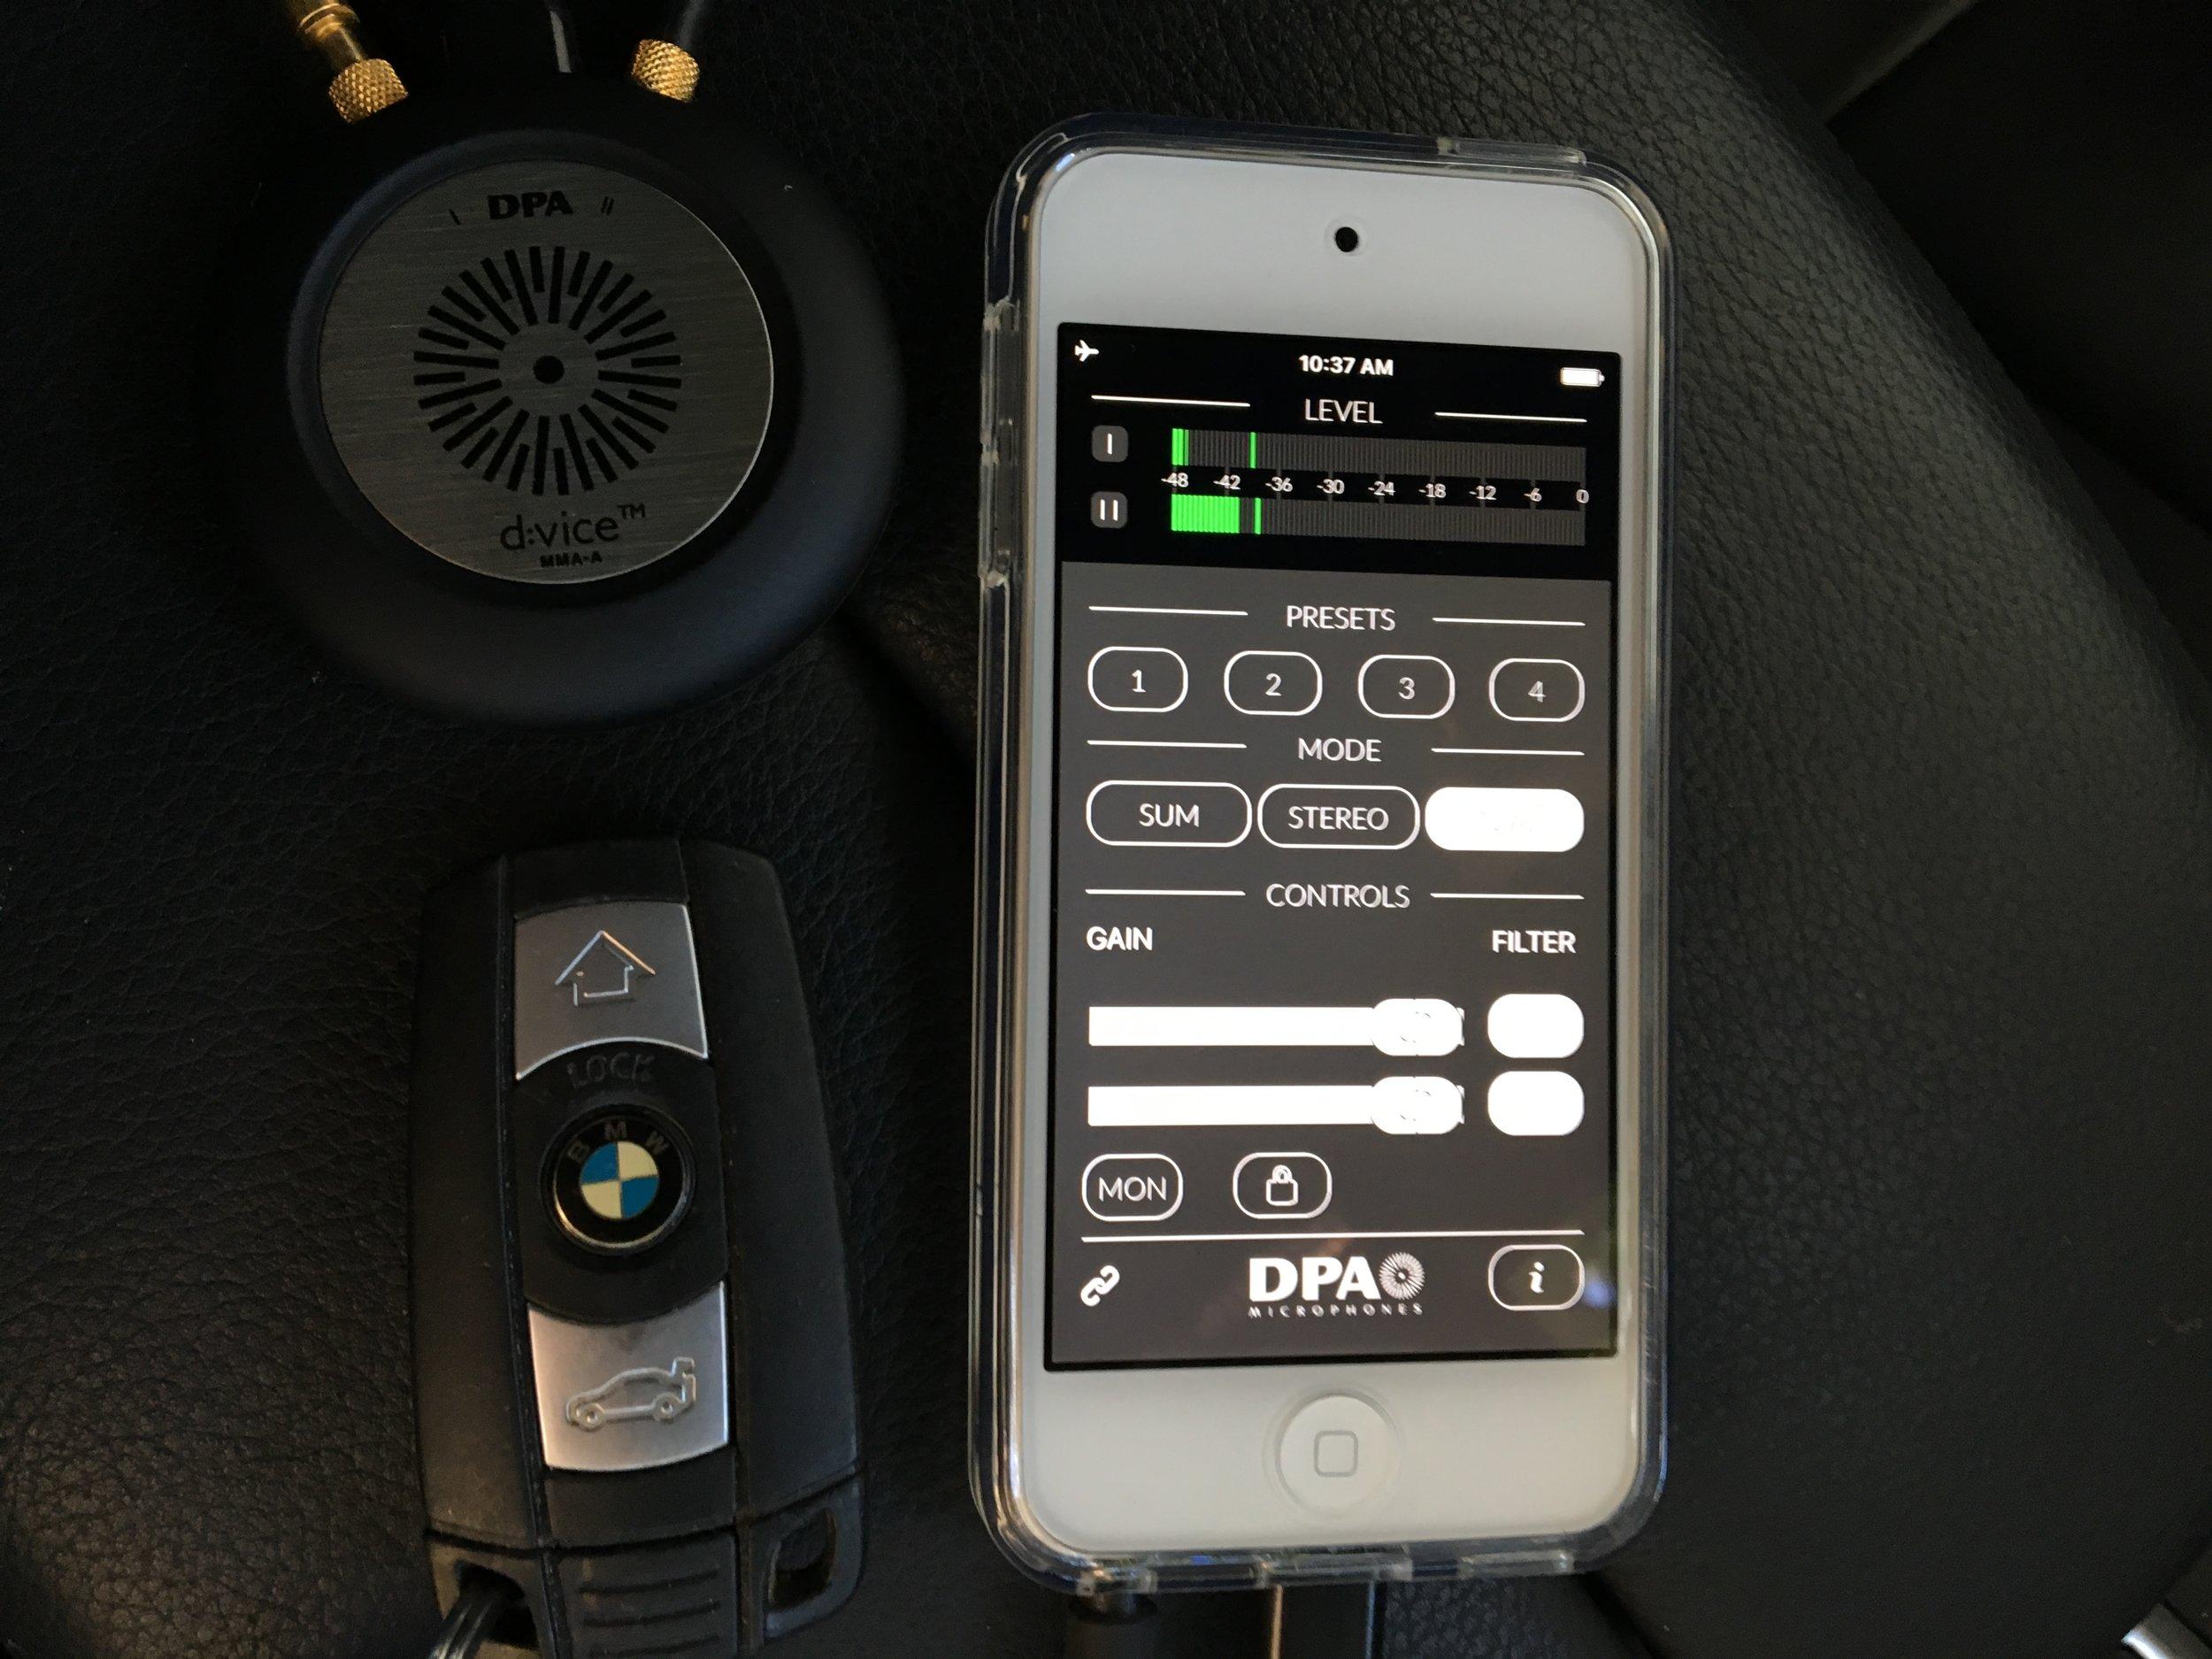 IMG_5419 DPA Vice & iOS.JPG